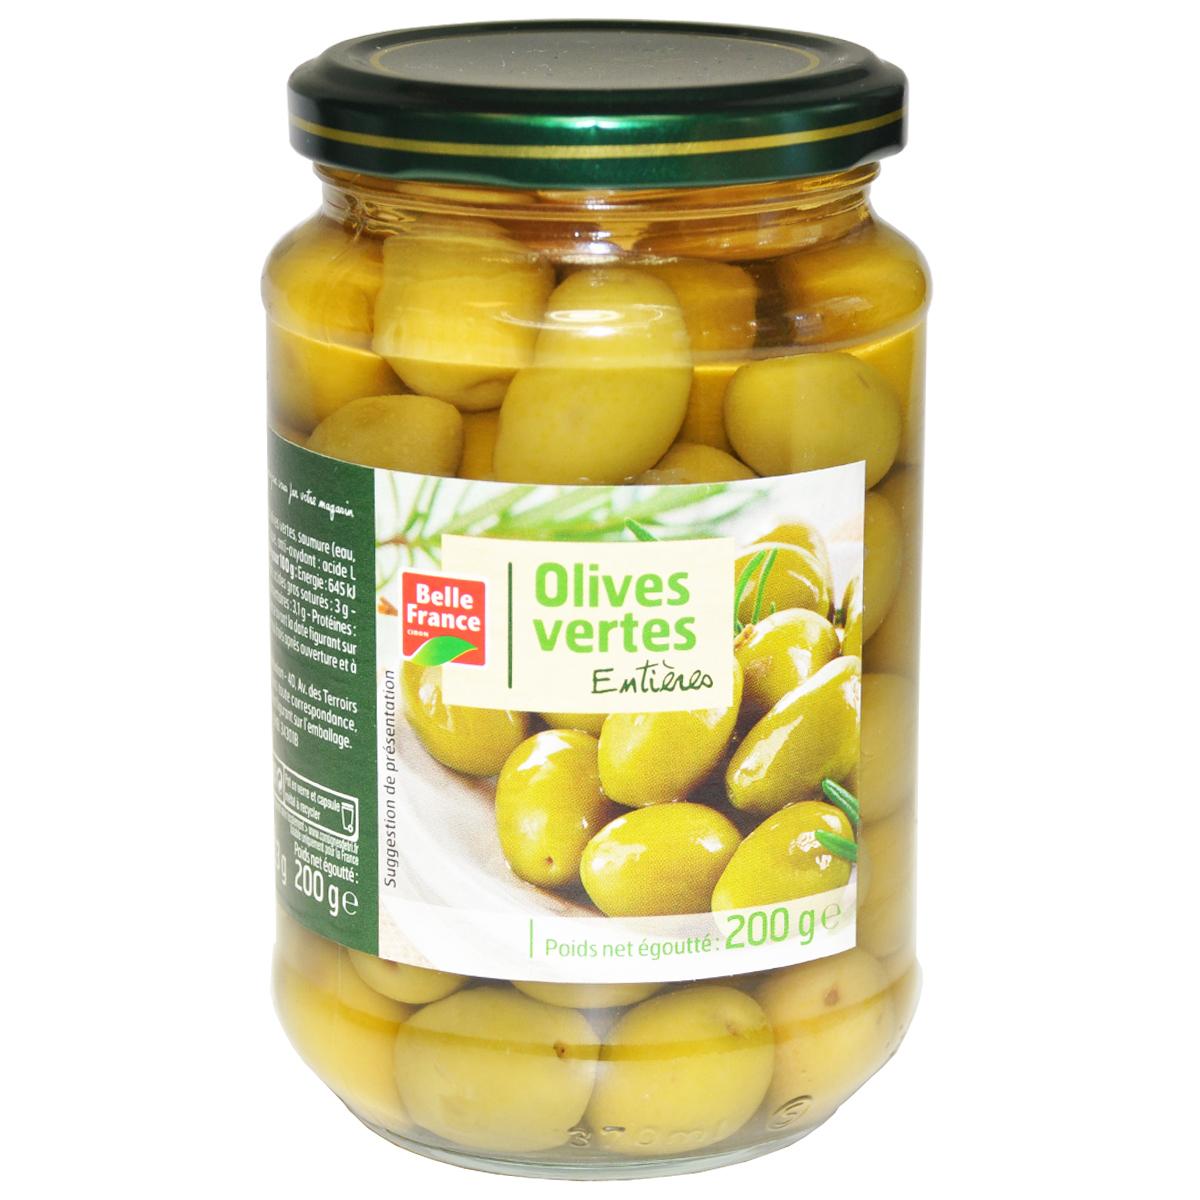 Оливки зеленые натуральные с косточками Bell France 200г